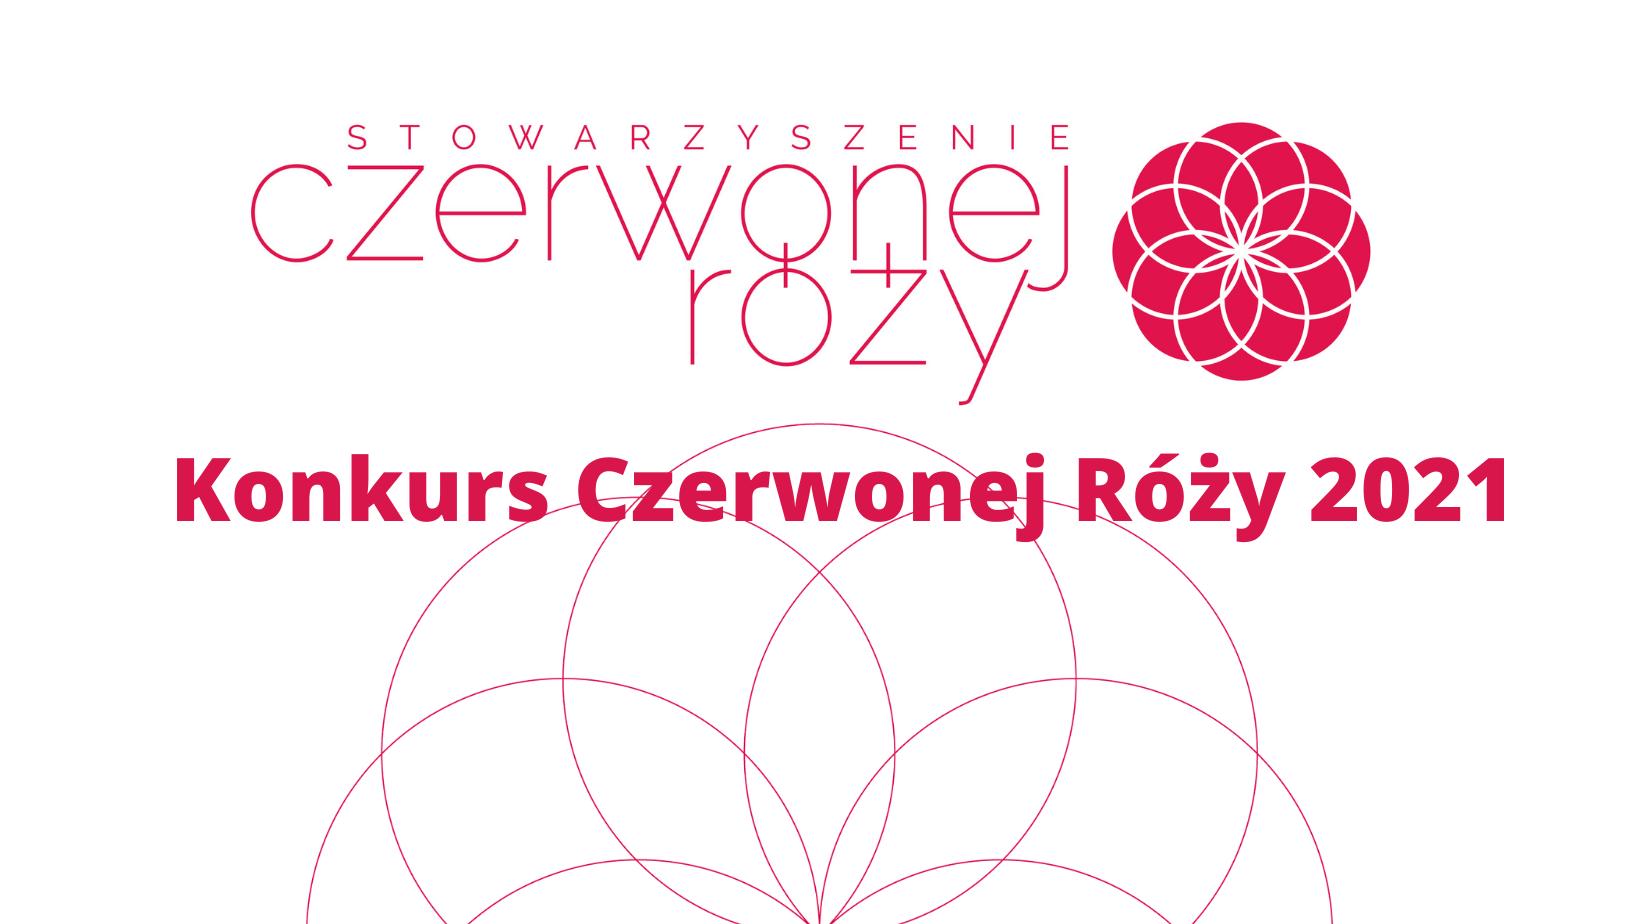 Konkurs Czerwonej Róży 2021